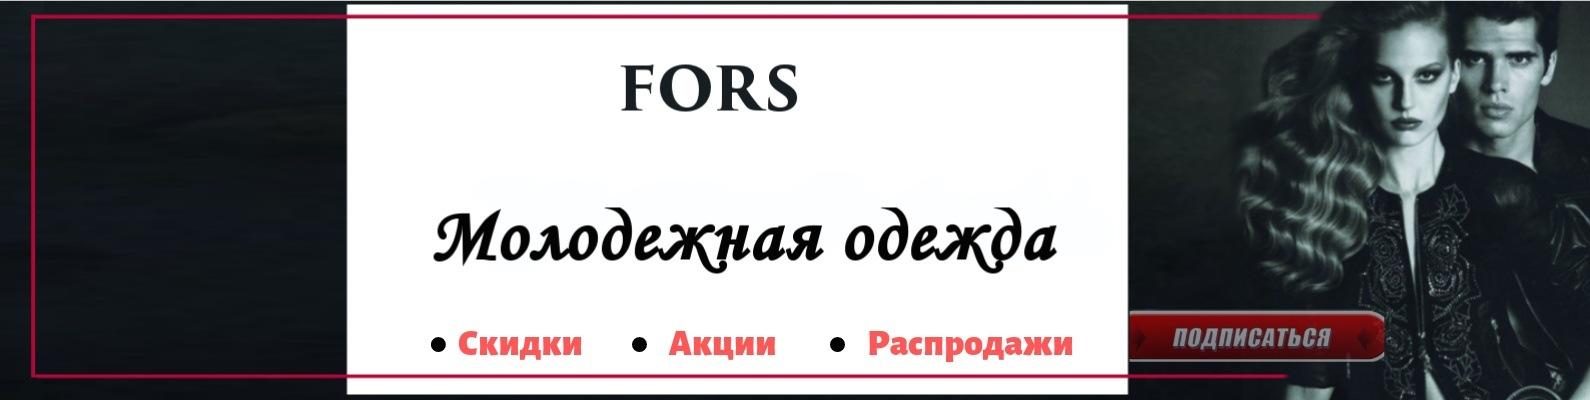 fa79754bed39 ФОРС